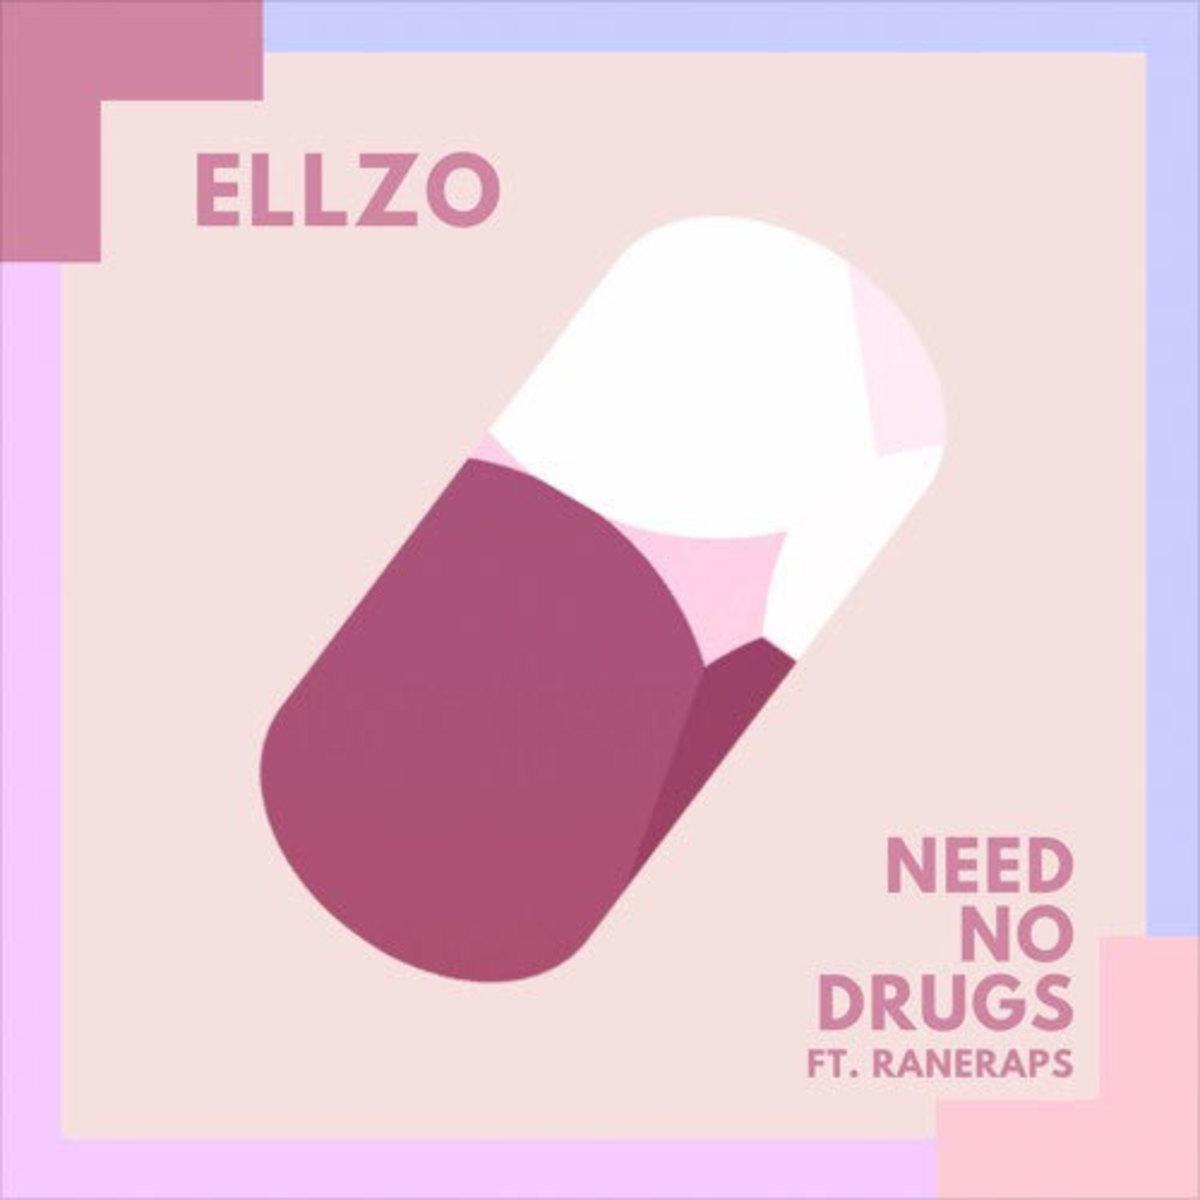 ellzo-need-no-drugs.jpg